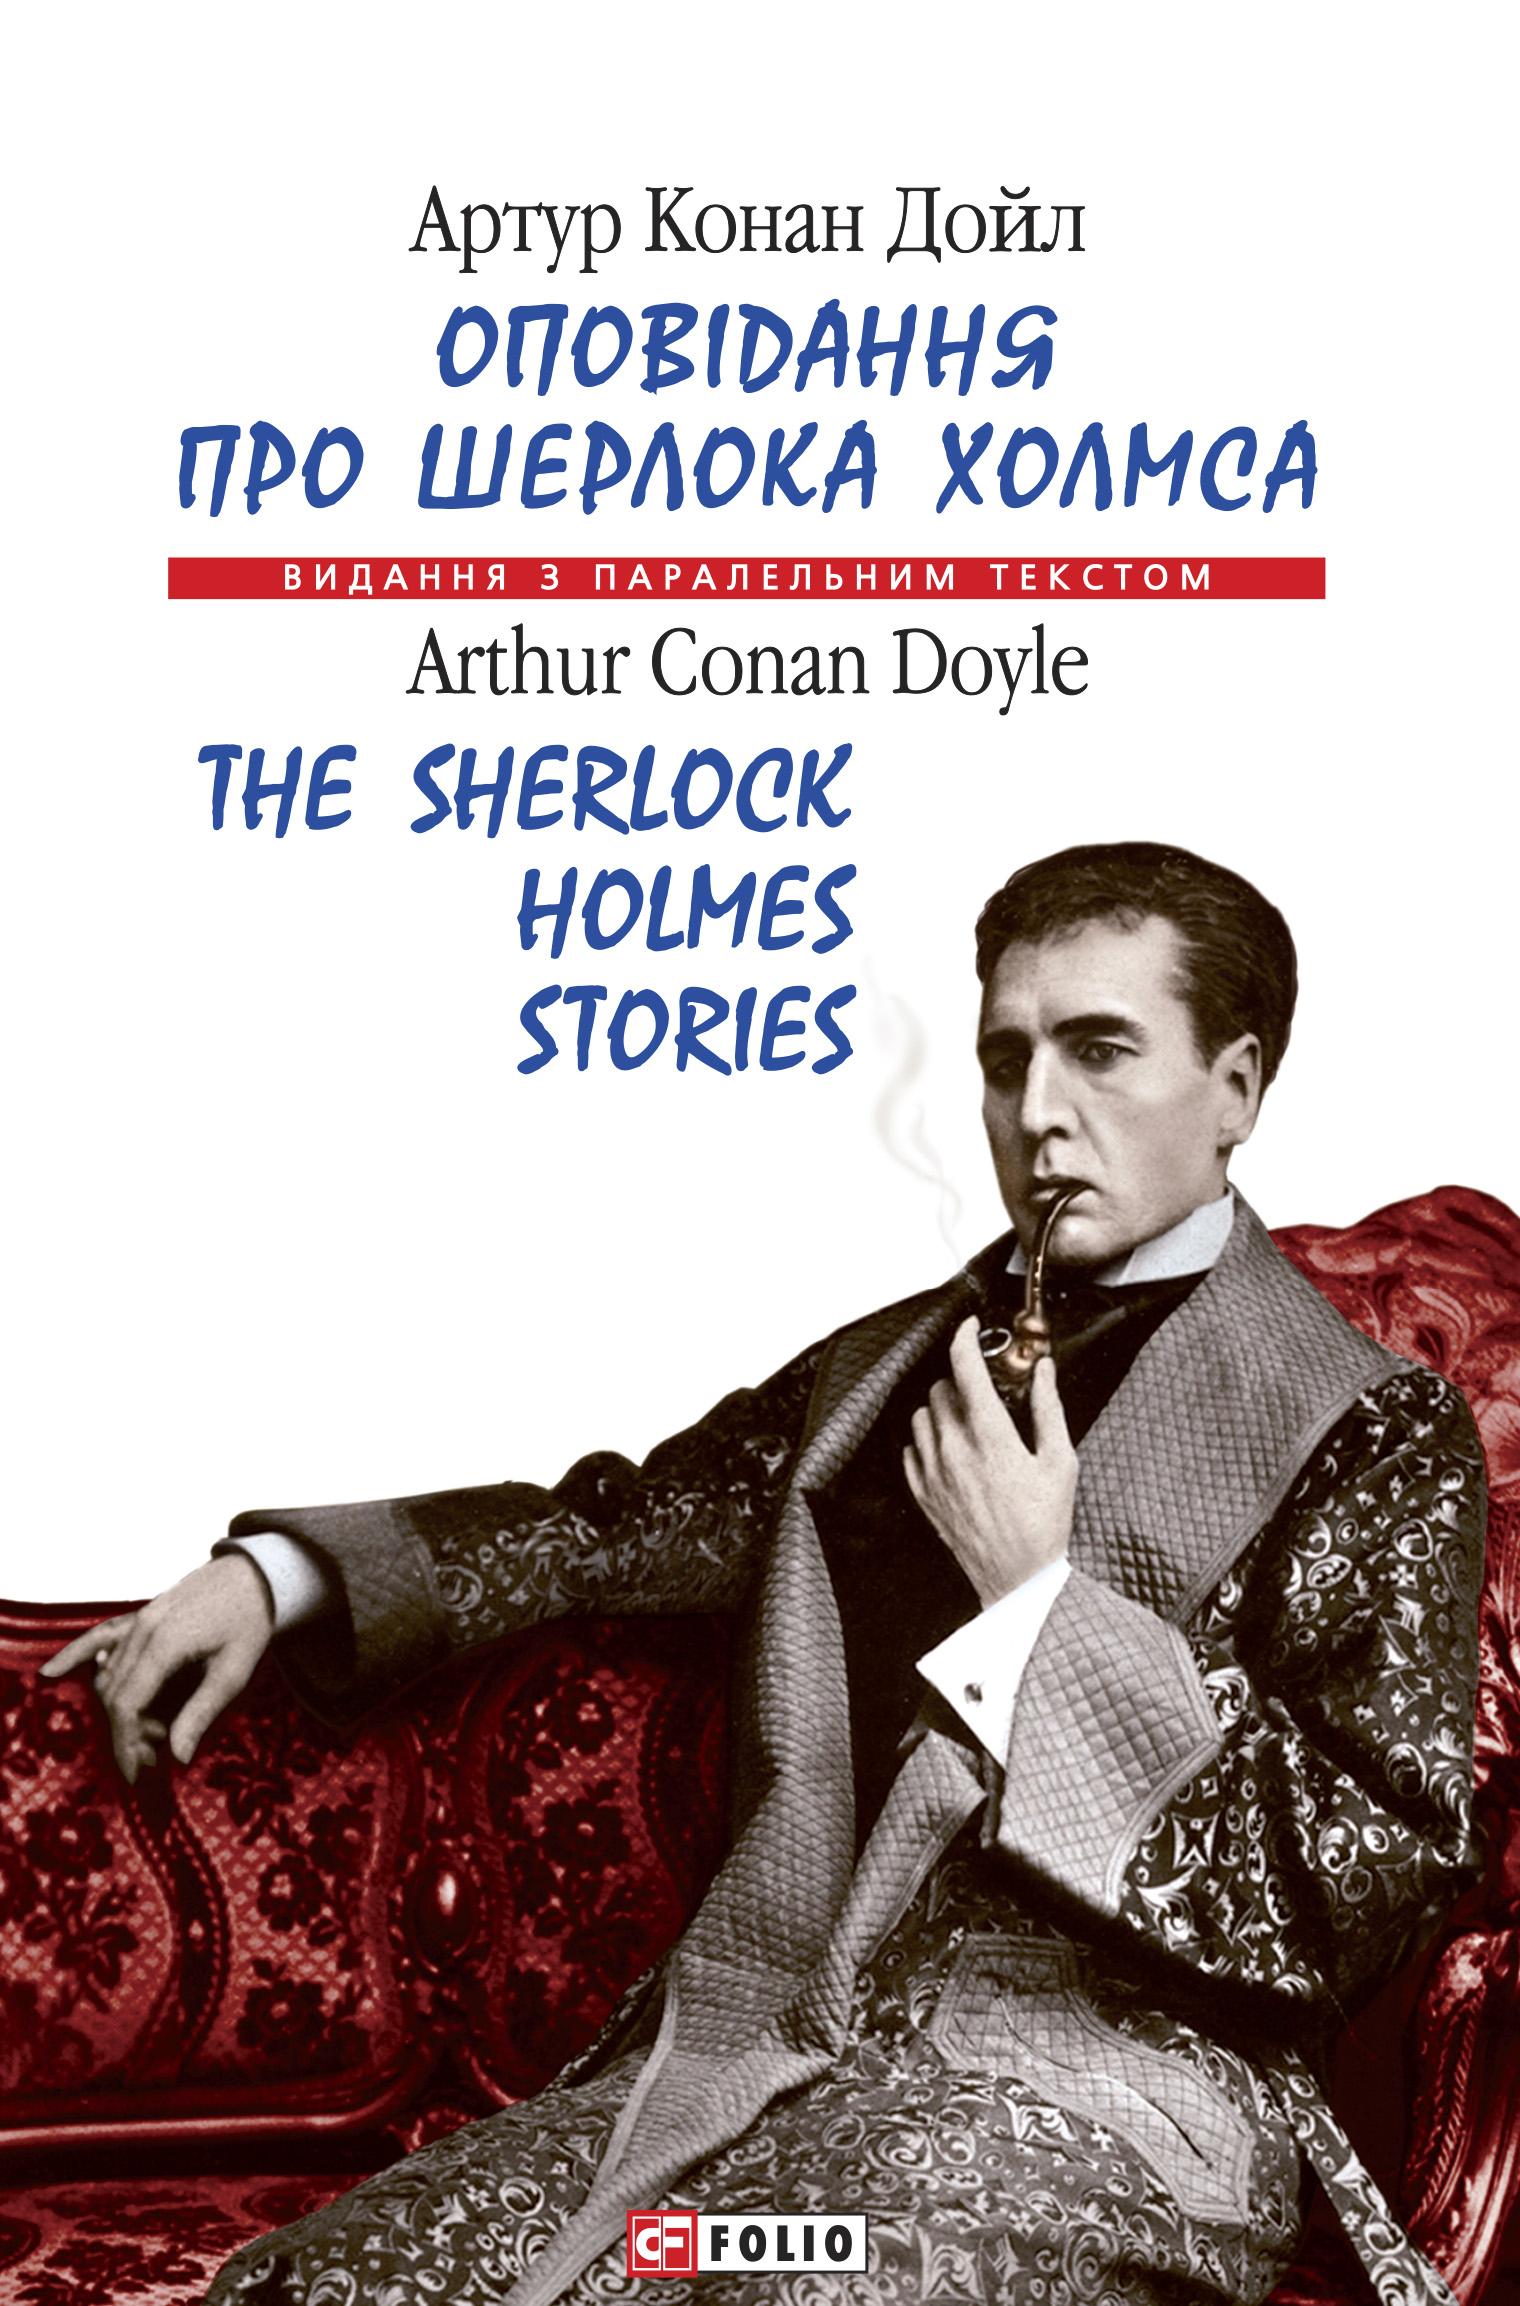 Оповідання про Шерлока Холмса = The Sherlock Holmes Stories